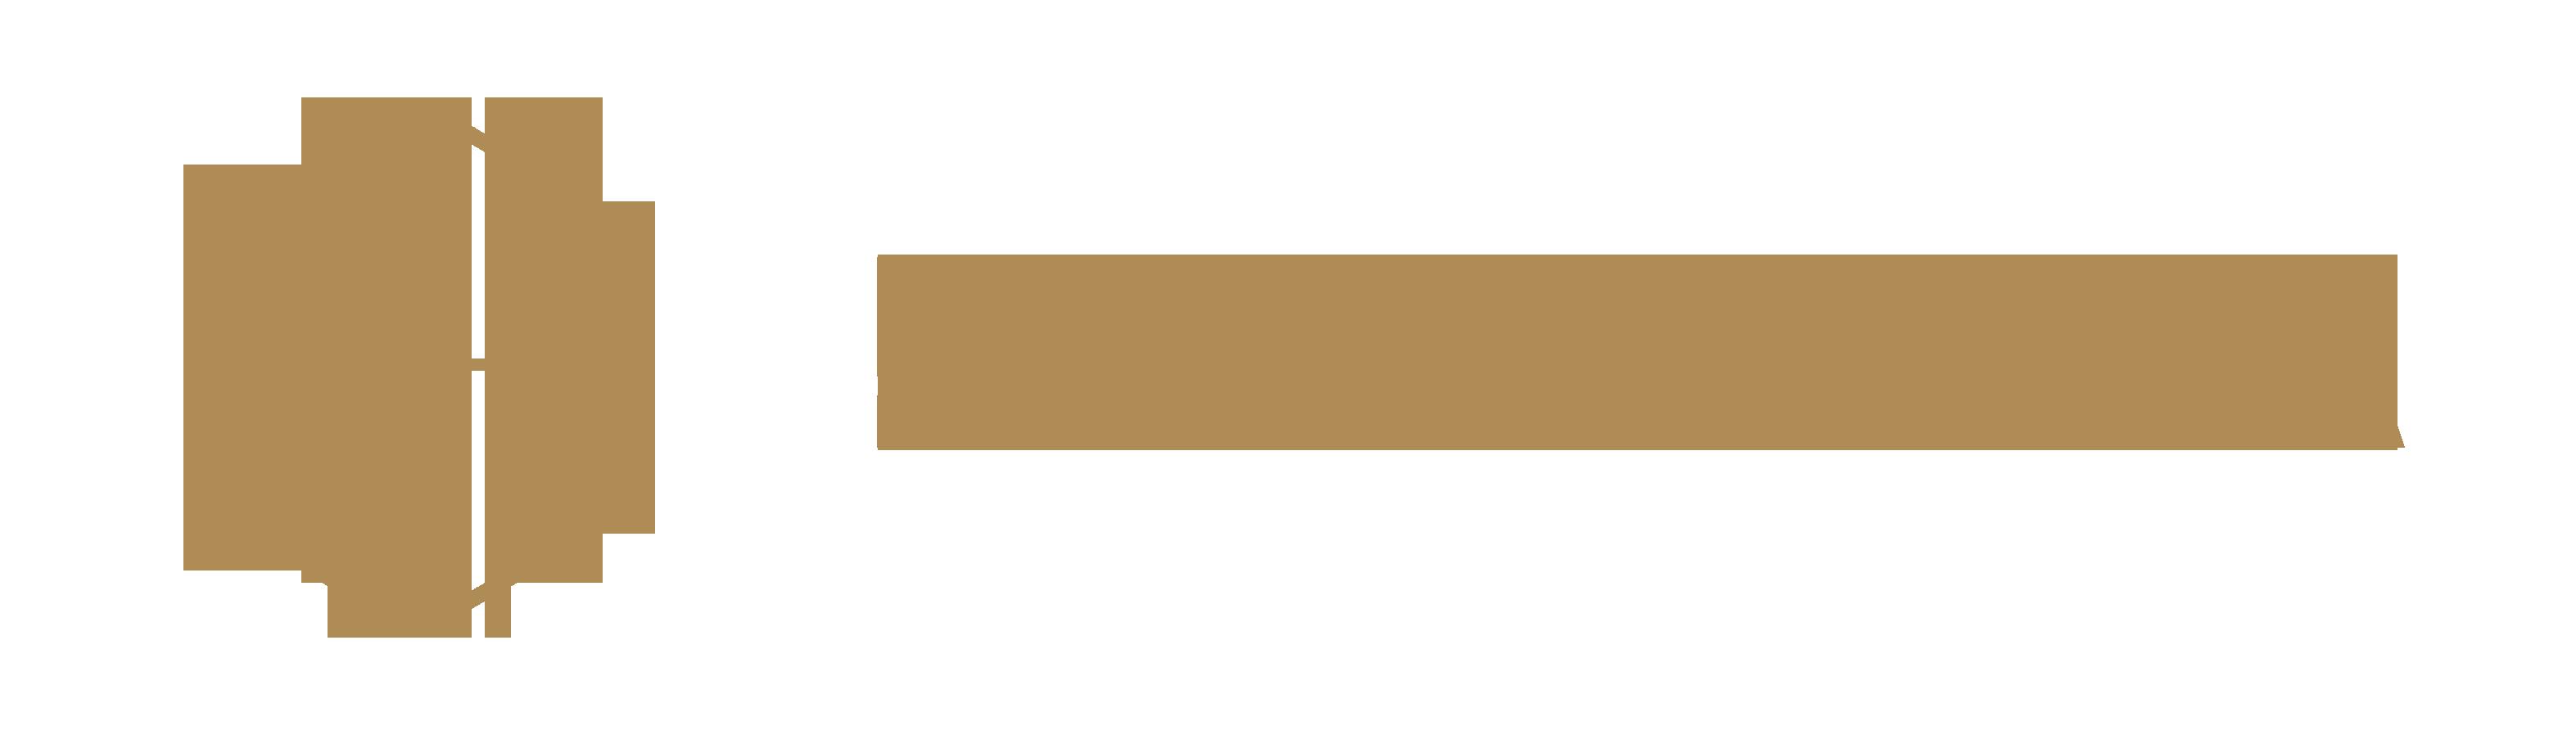 Kli-Borga